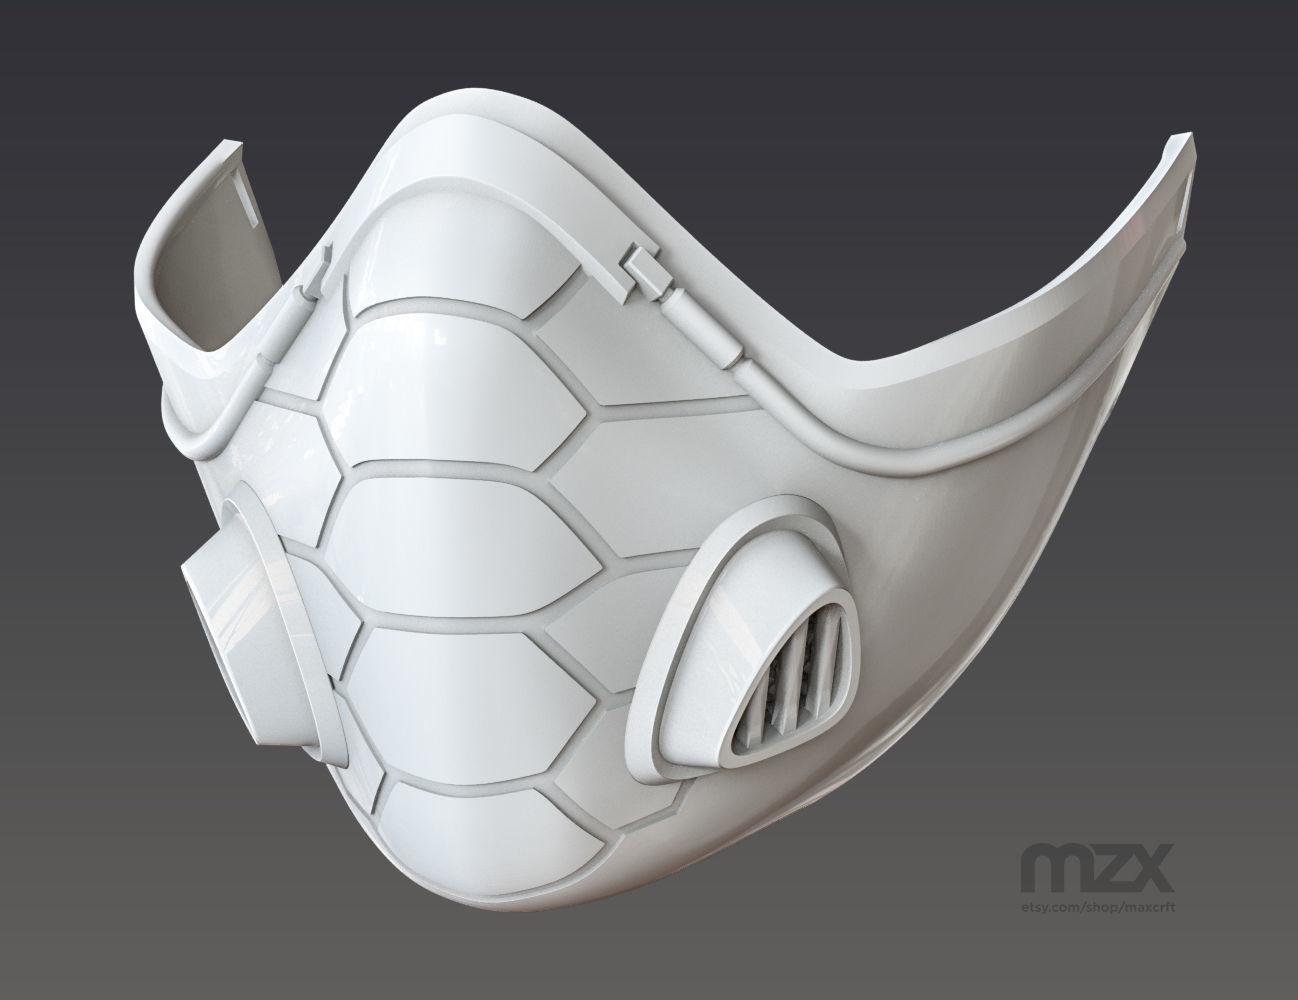 skull gas mask respirator pendant stl 3d model for 3d